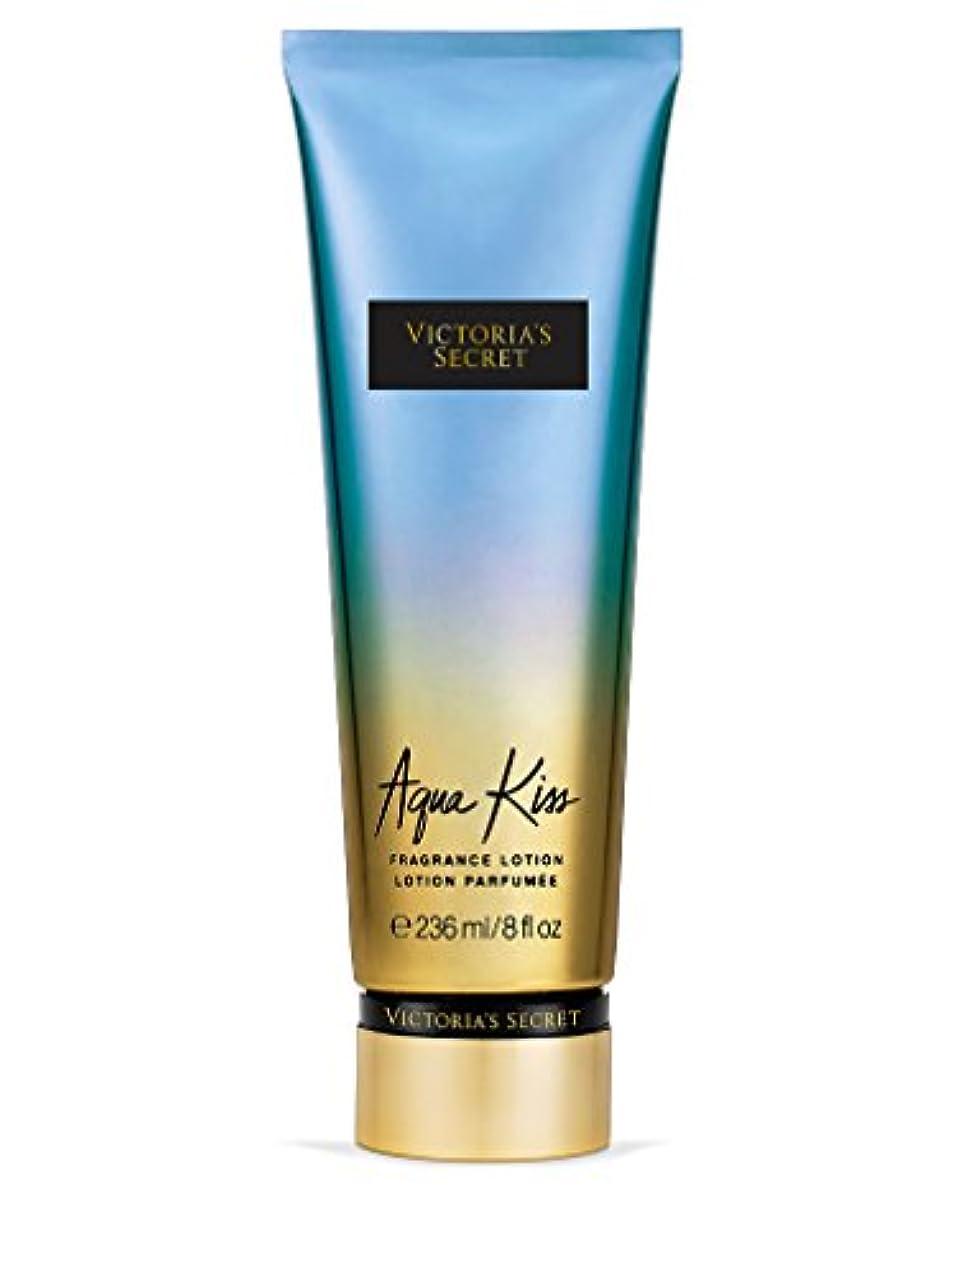 船員吸う衰えるVictoria's Secret ヴィクトリアシークレット Aqua Kiss Fragrance Lotion フレグランス ボディーローション アクアキス 236ml [並行輸入品]